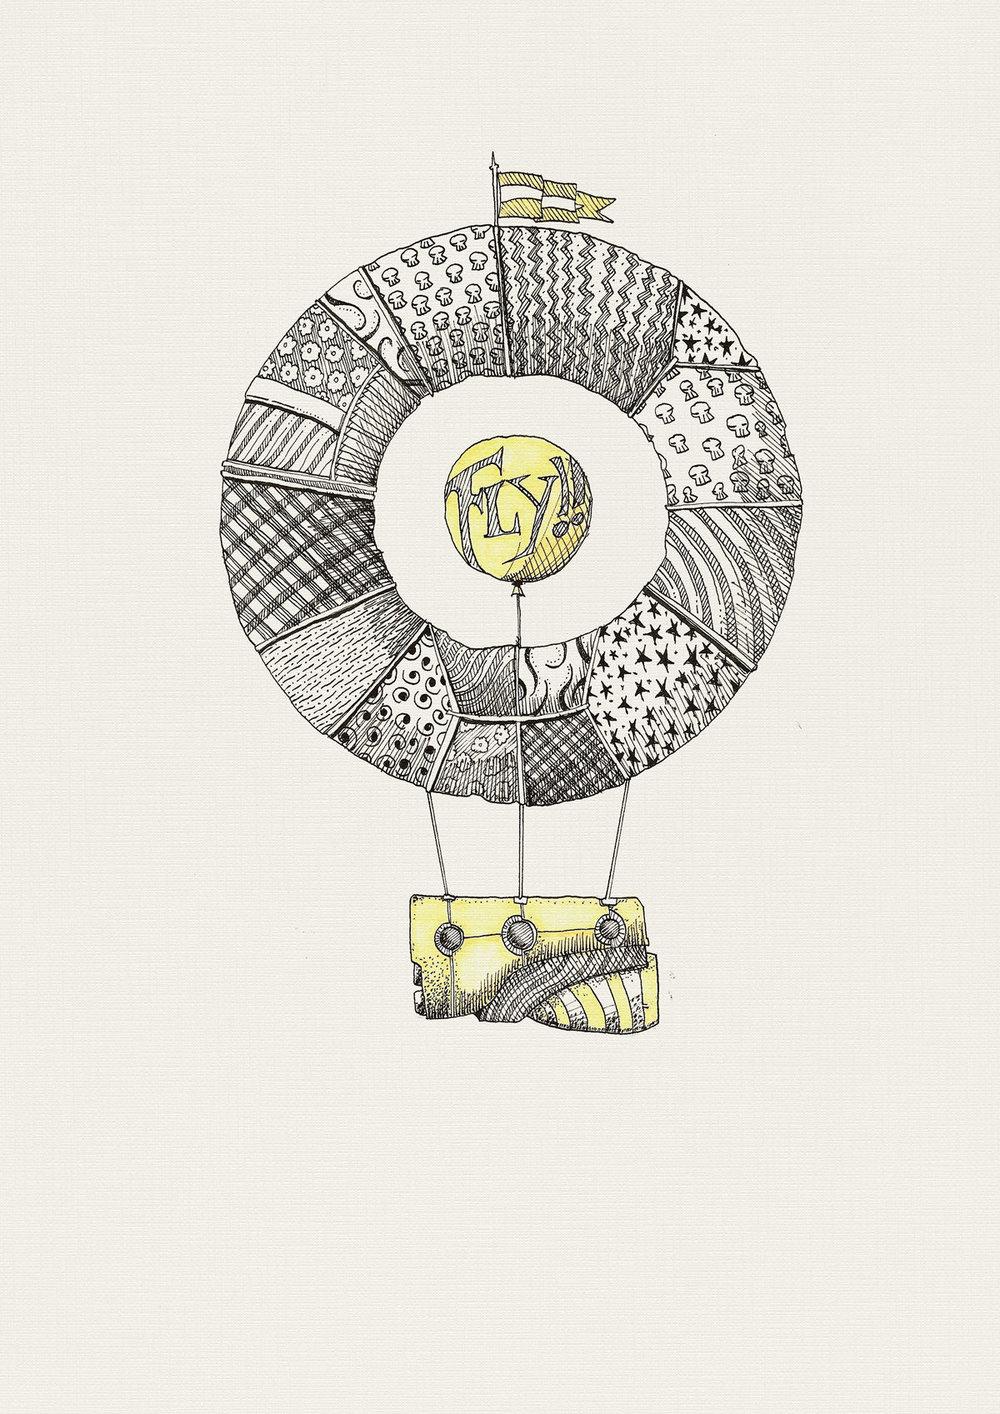 4-Summer-sketchs.jpg